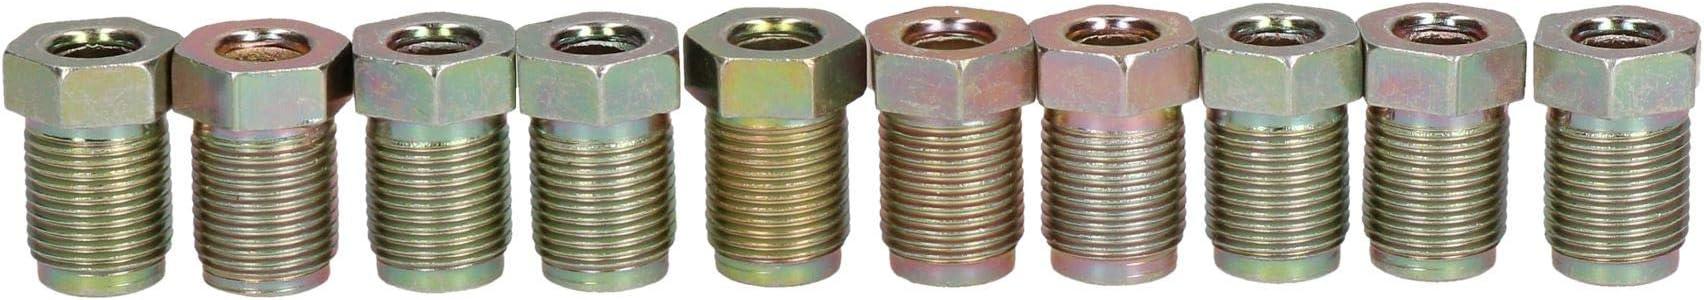 AB Tools-Bond 12mm x 1mm Macho de Acero Racores de uni/ón a 1//4 o 6 mm Tubo de Freno 10PC